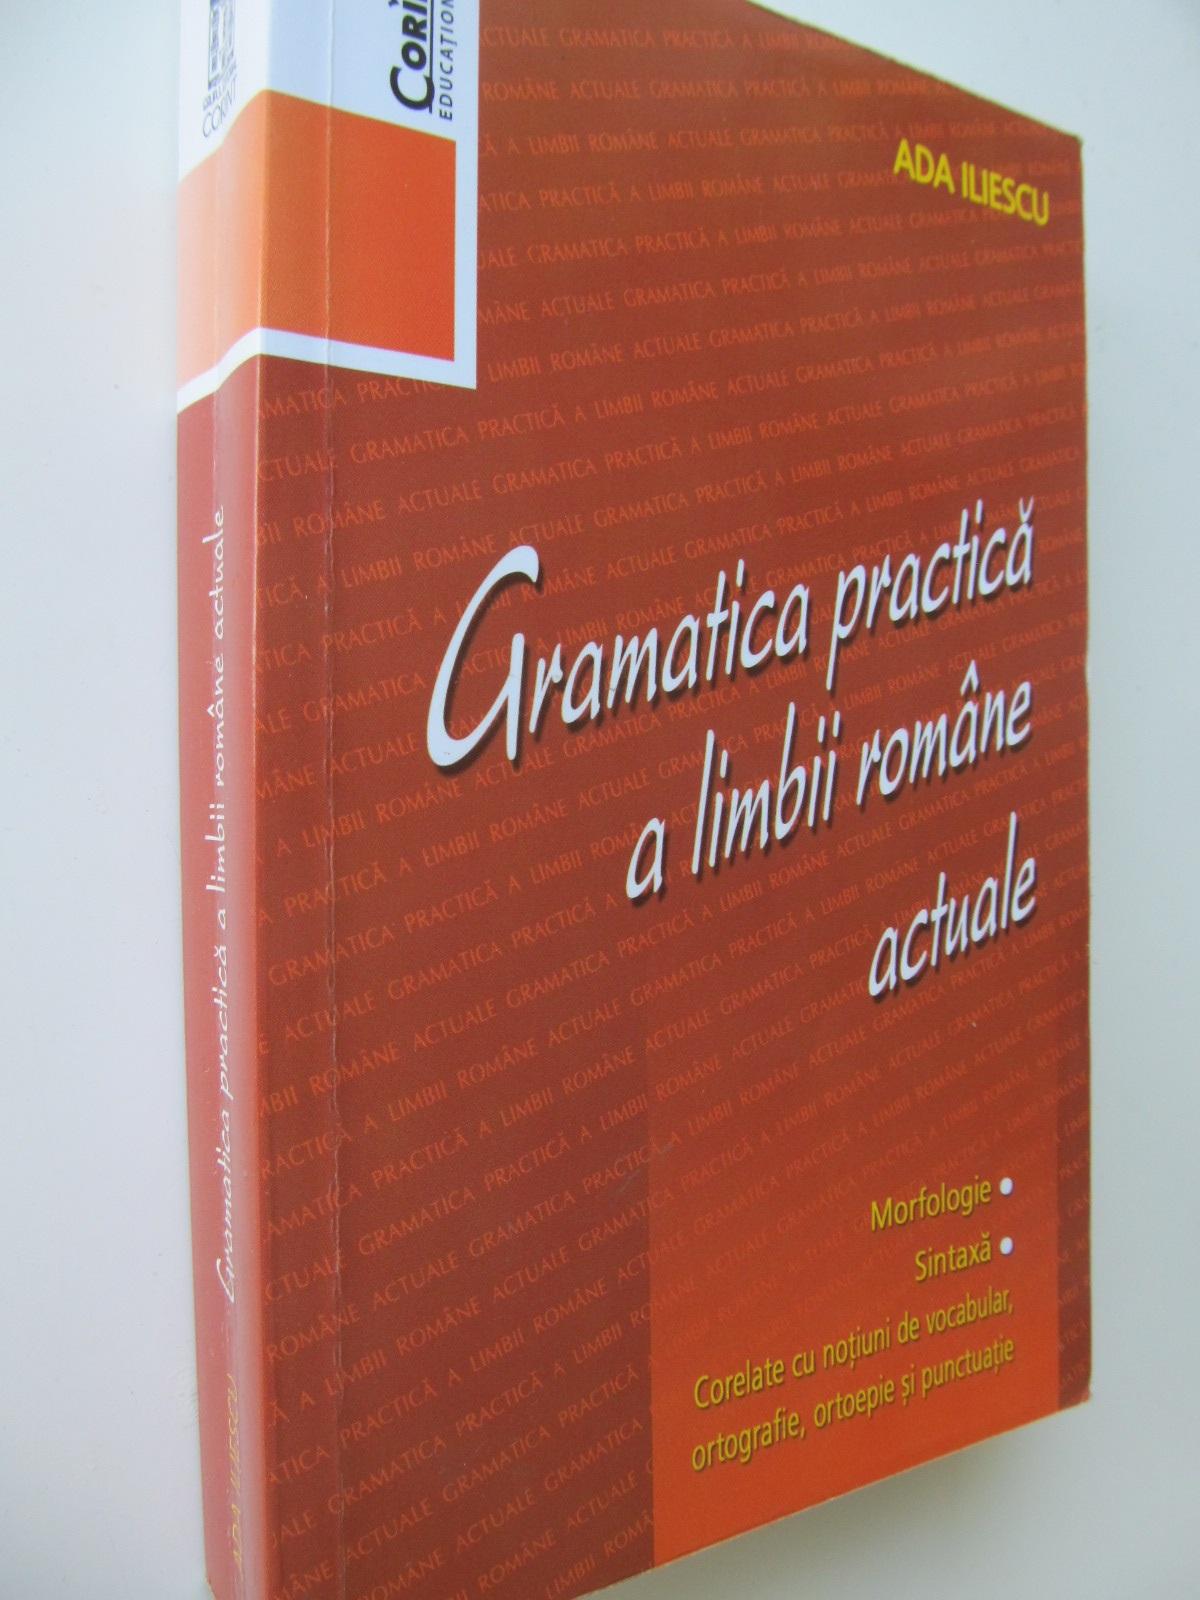 Gramatica practica a limbii romane actuale - Ada Iliescu | Detalii carte